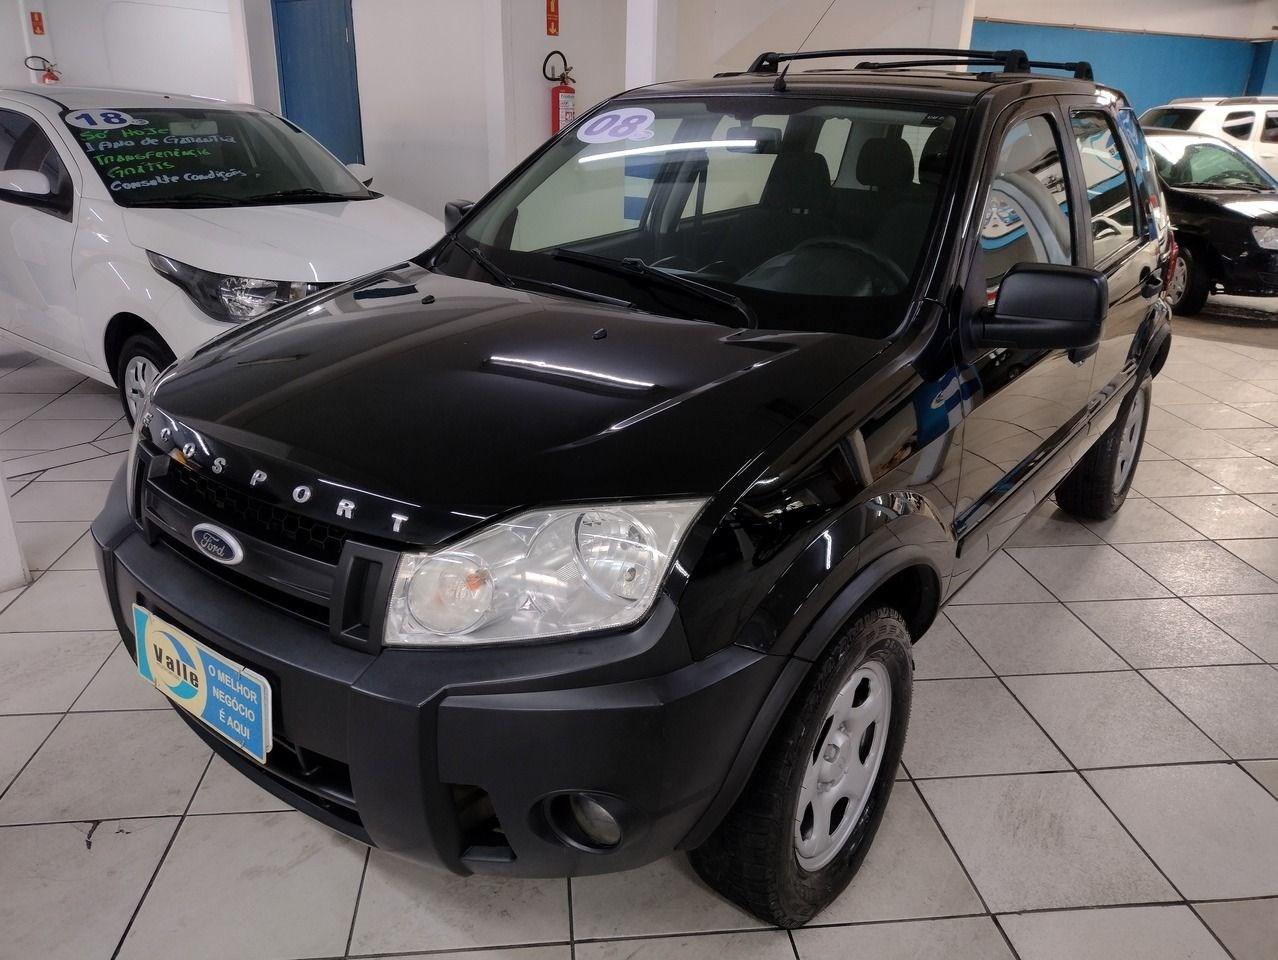 //www.autoline.com.br/carro/ford/ecosport-16-xls-8v-flex-4p-manual/2008/braganca-paulista-sp/15718517